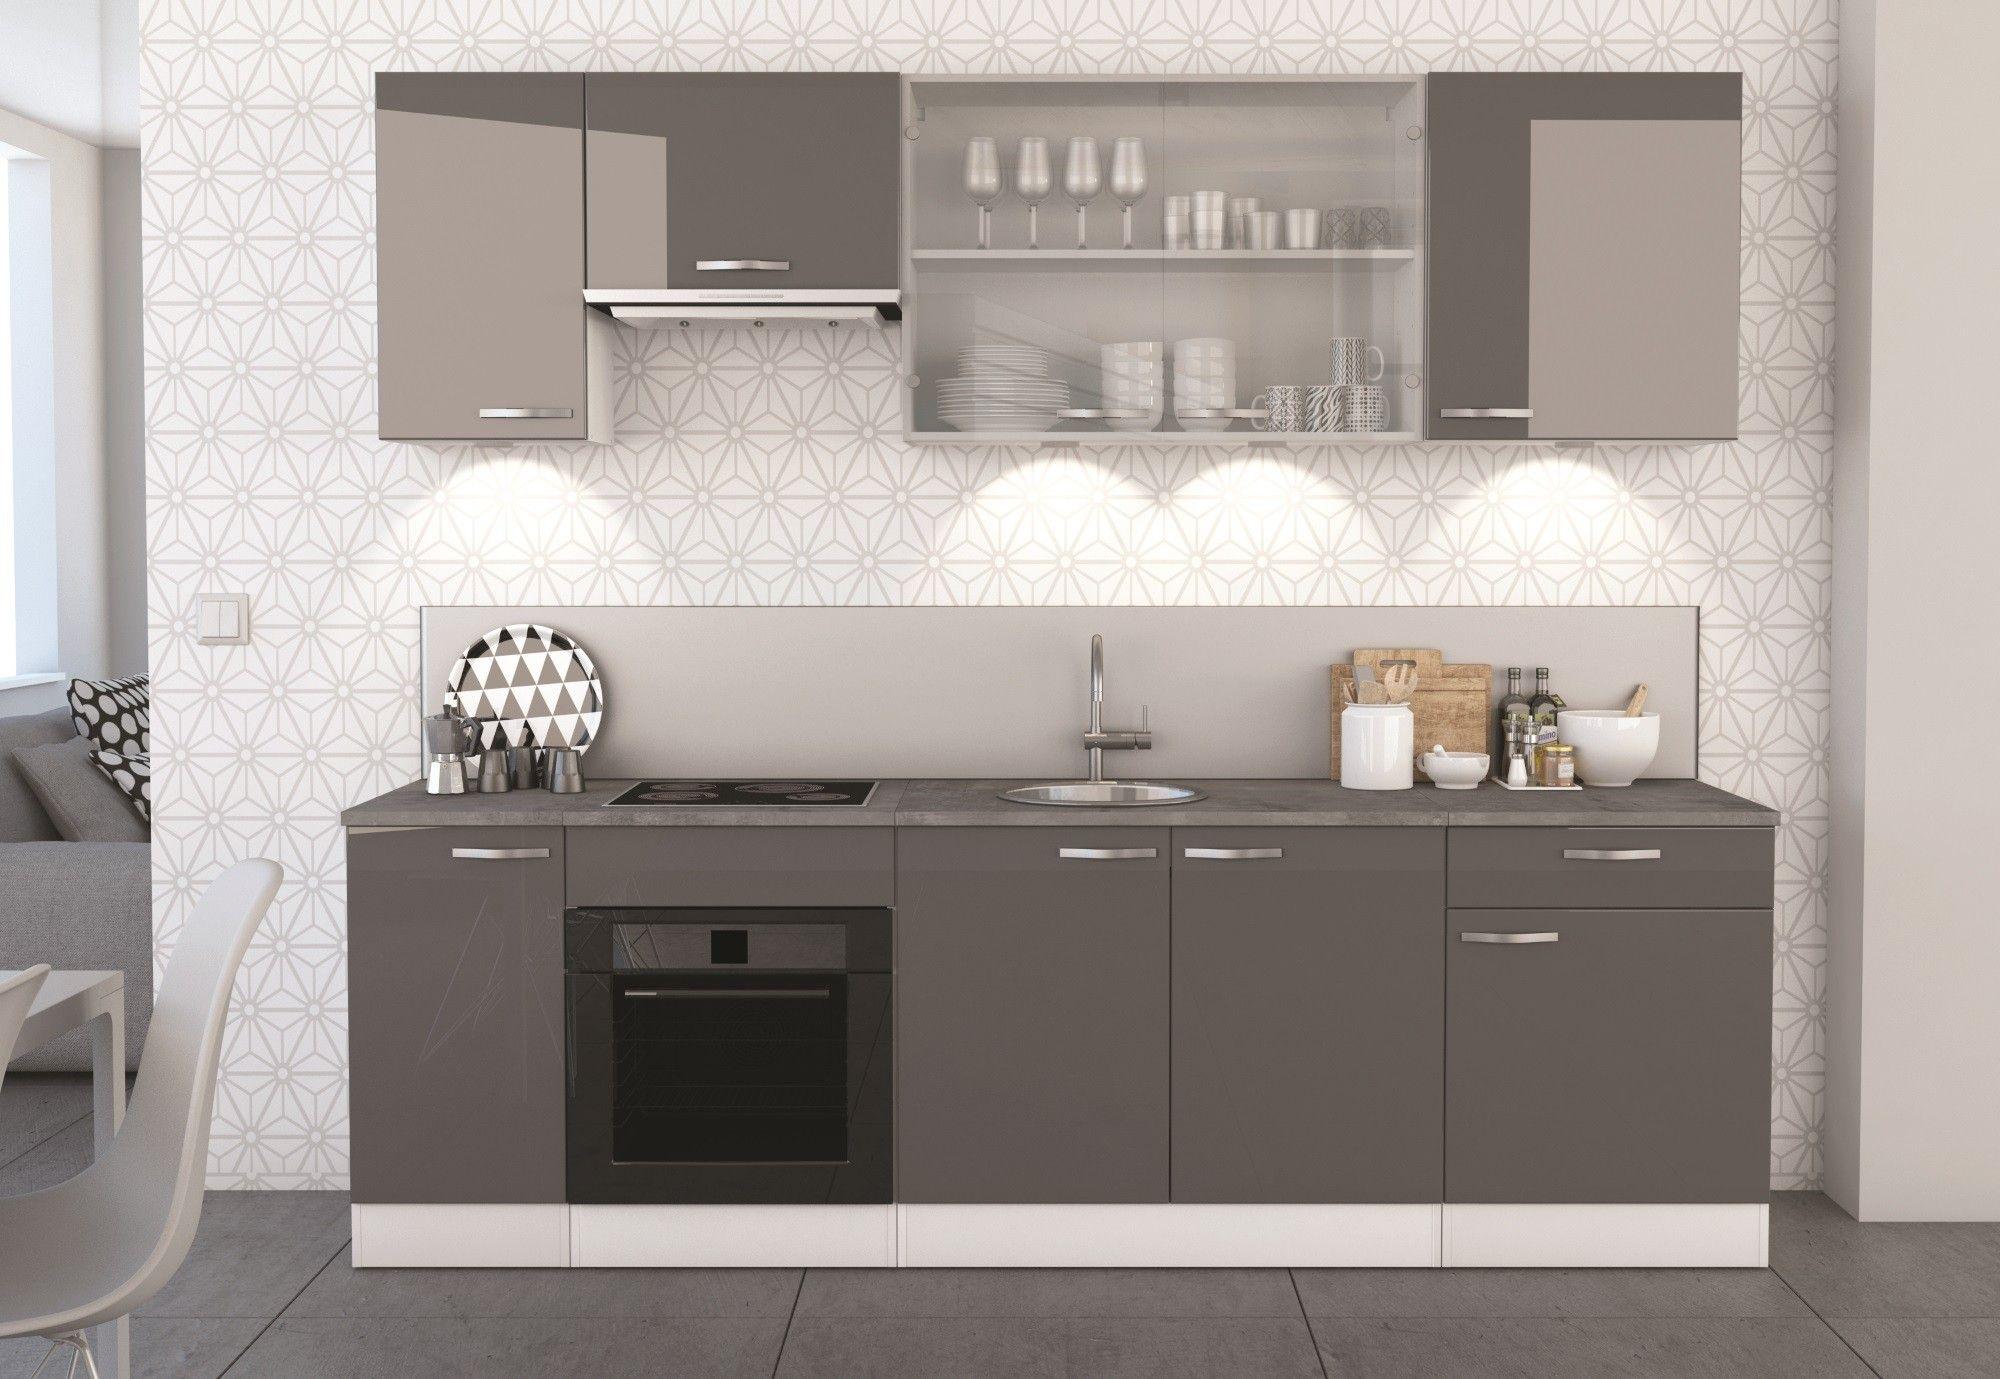 Meuble bas de cuisine contemporain 1 porte/1 tiroir blanc mat/gris ...